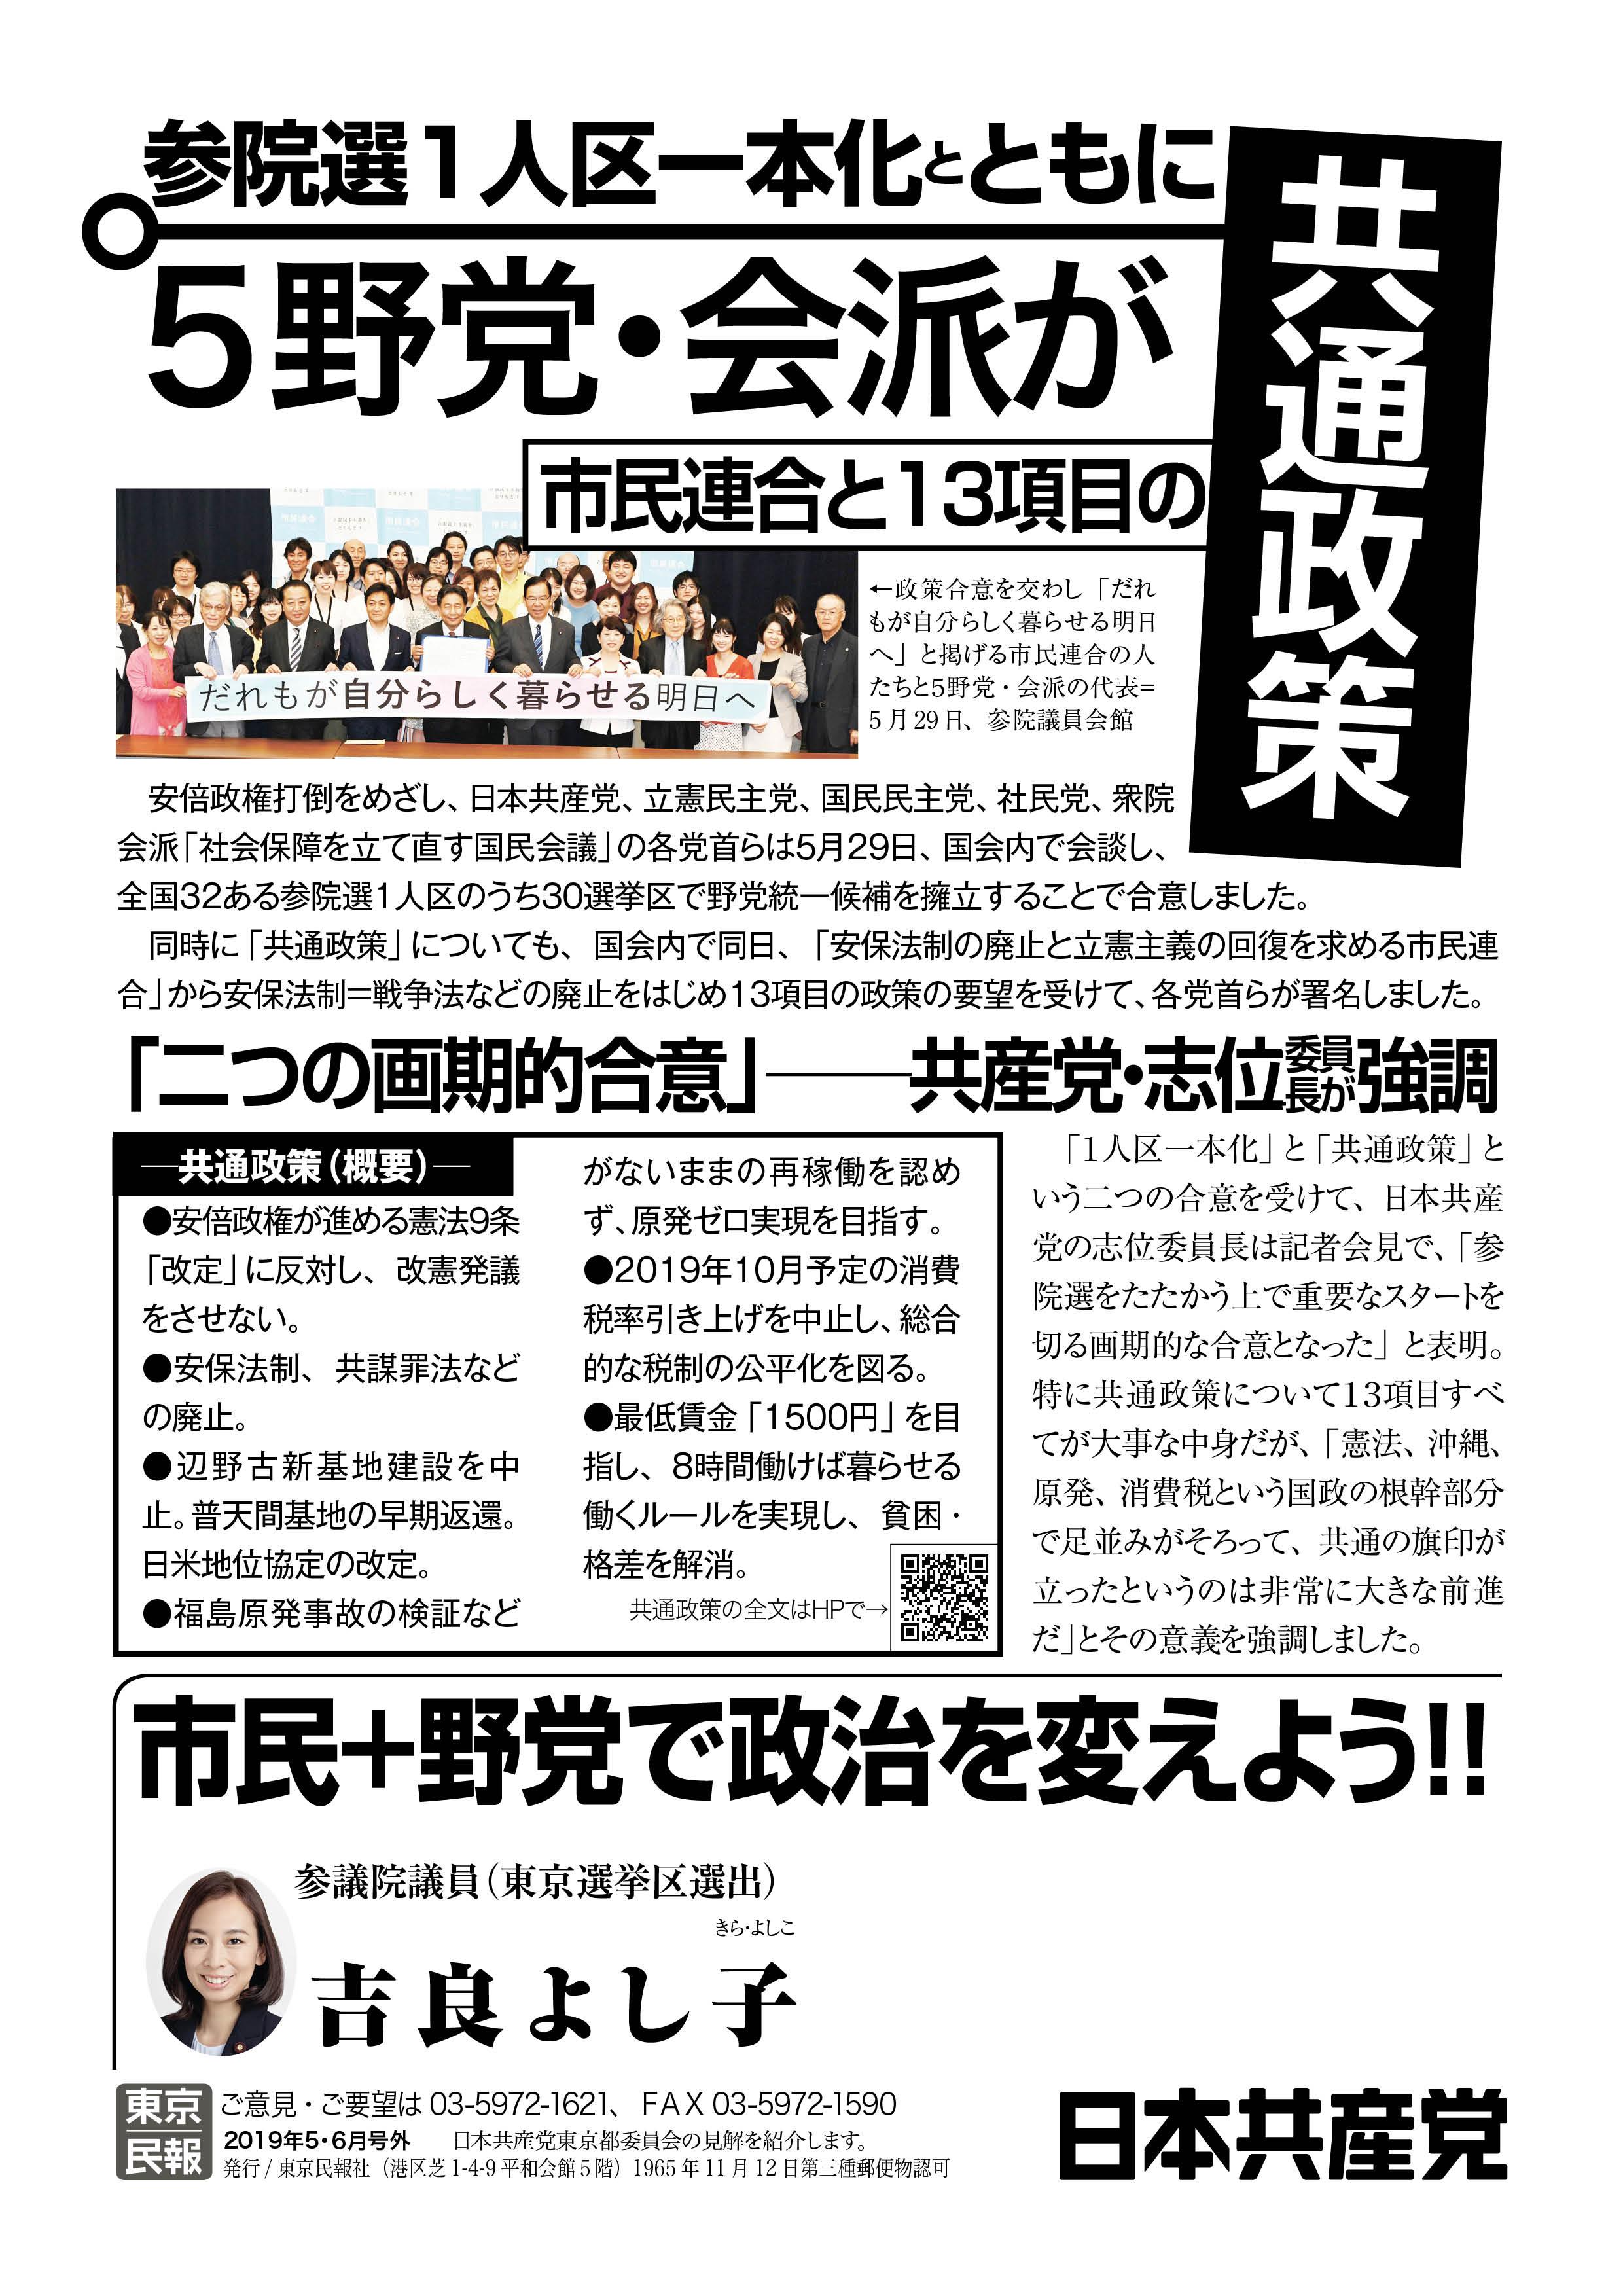 参議院 議員 選挙 2019 東京